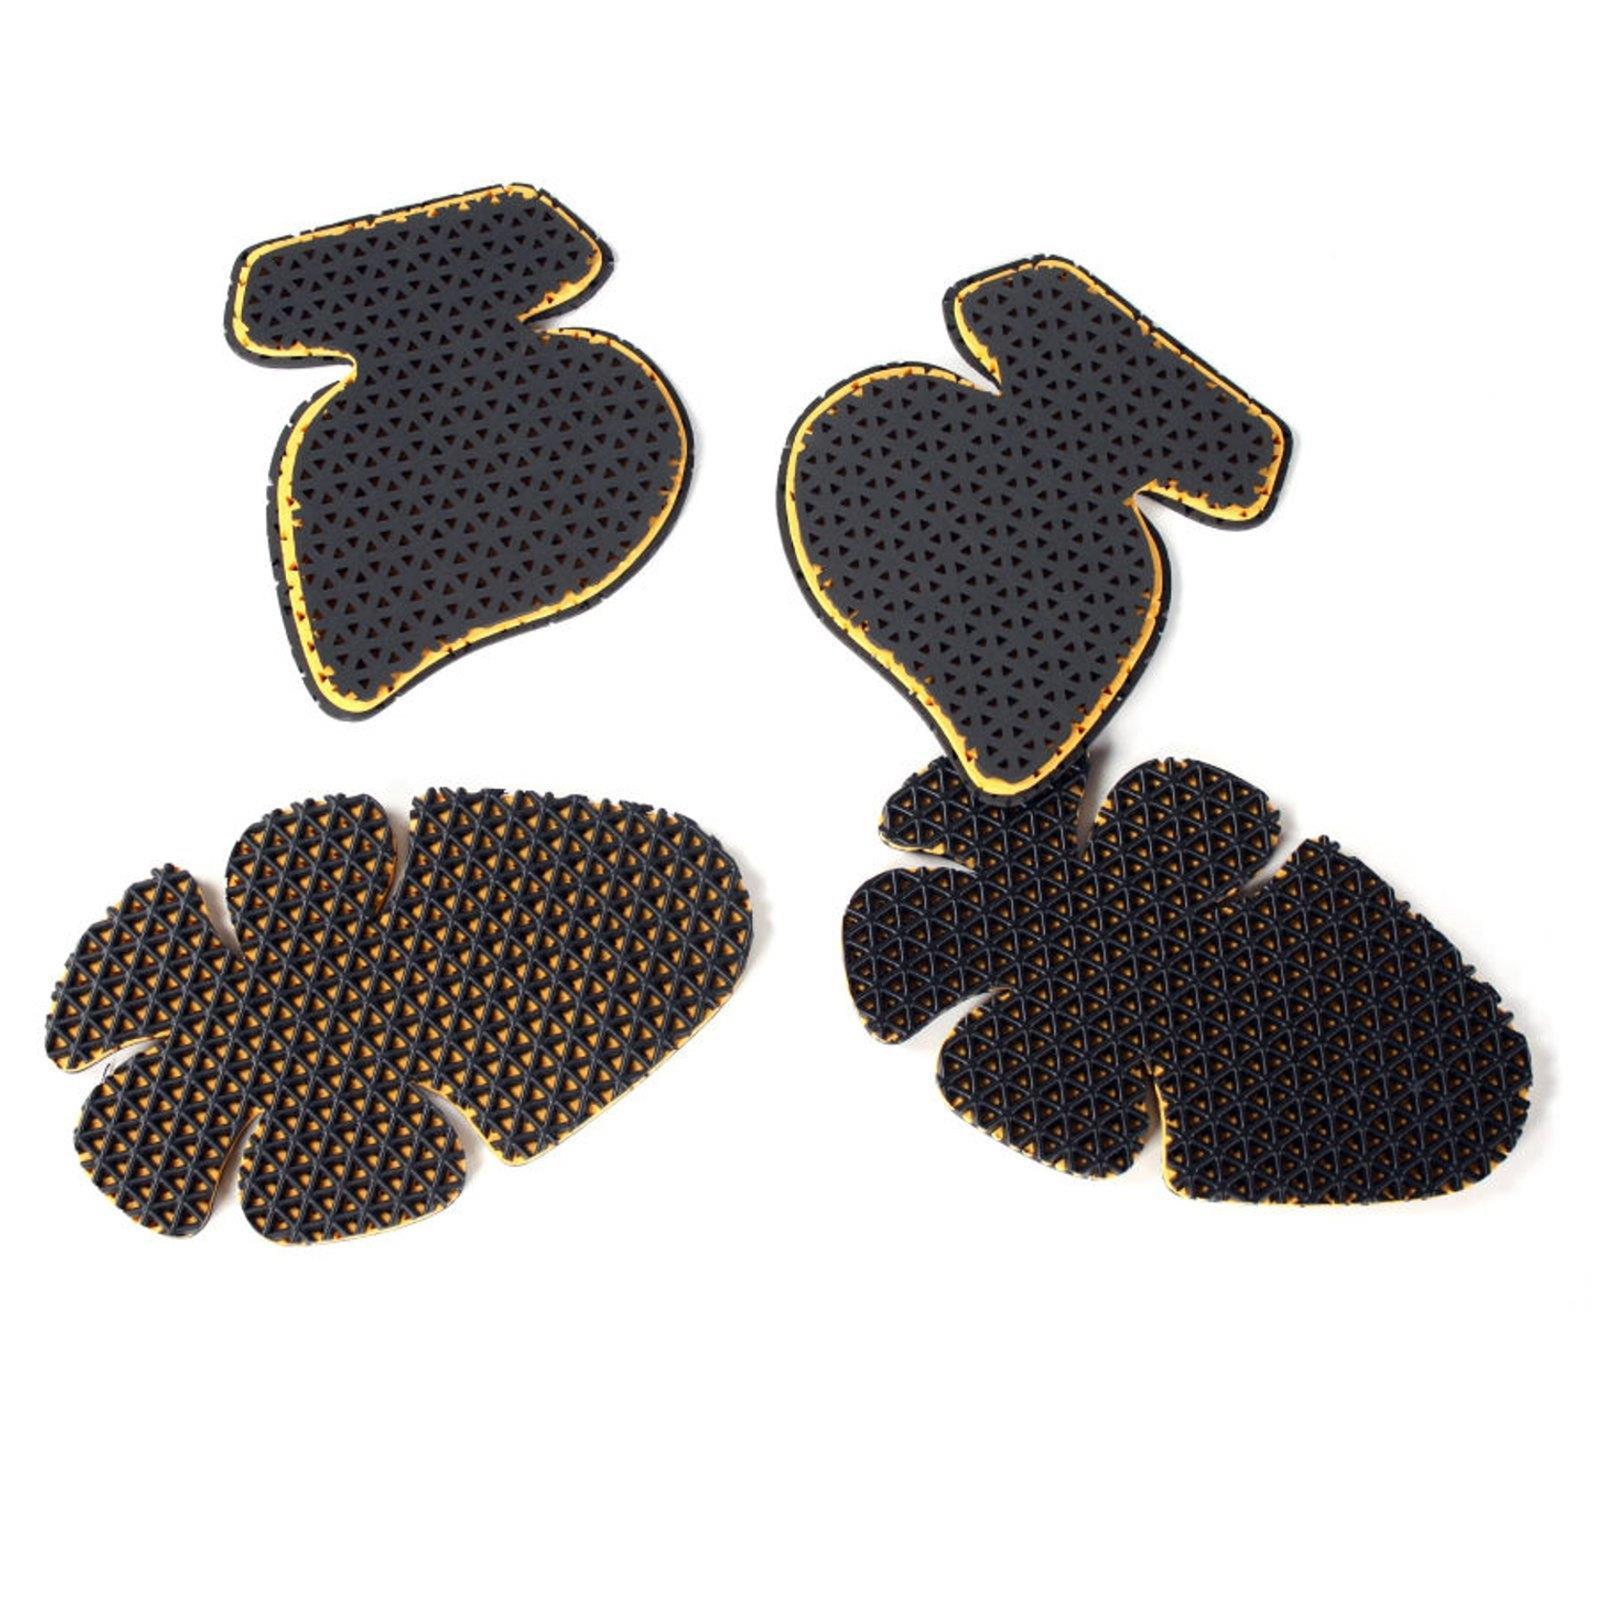 Trilobite-paradoxale-veste-pantalon-protecteur-incl-d-039-aramide-Moto-Jeans-Hommes-Femmes miniature 29